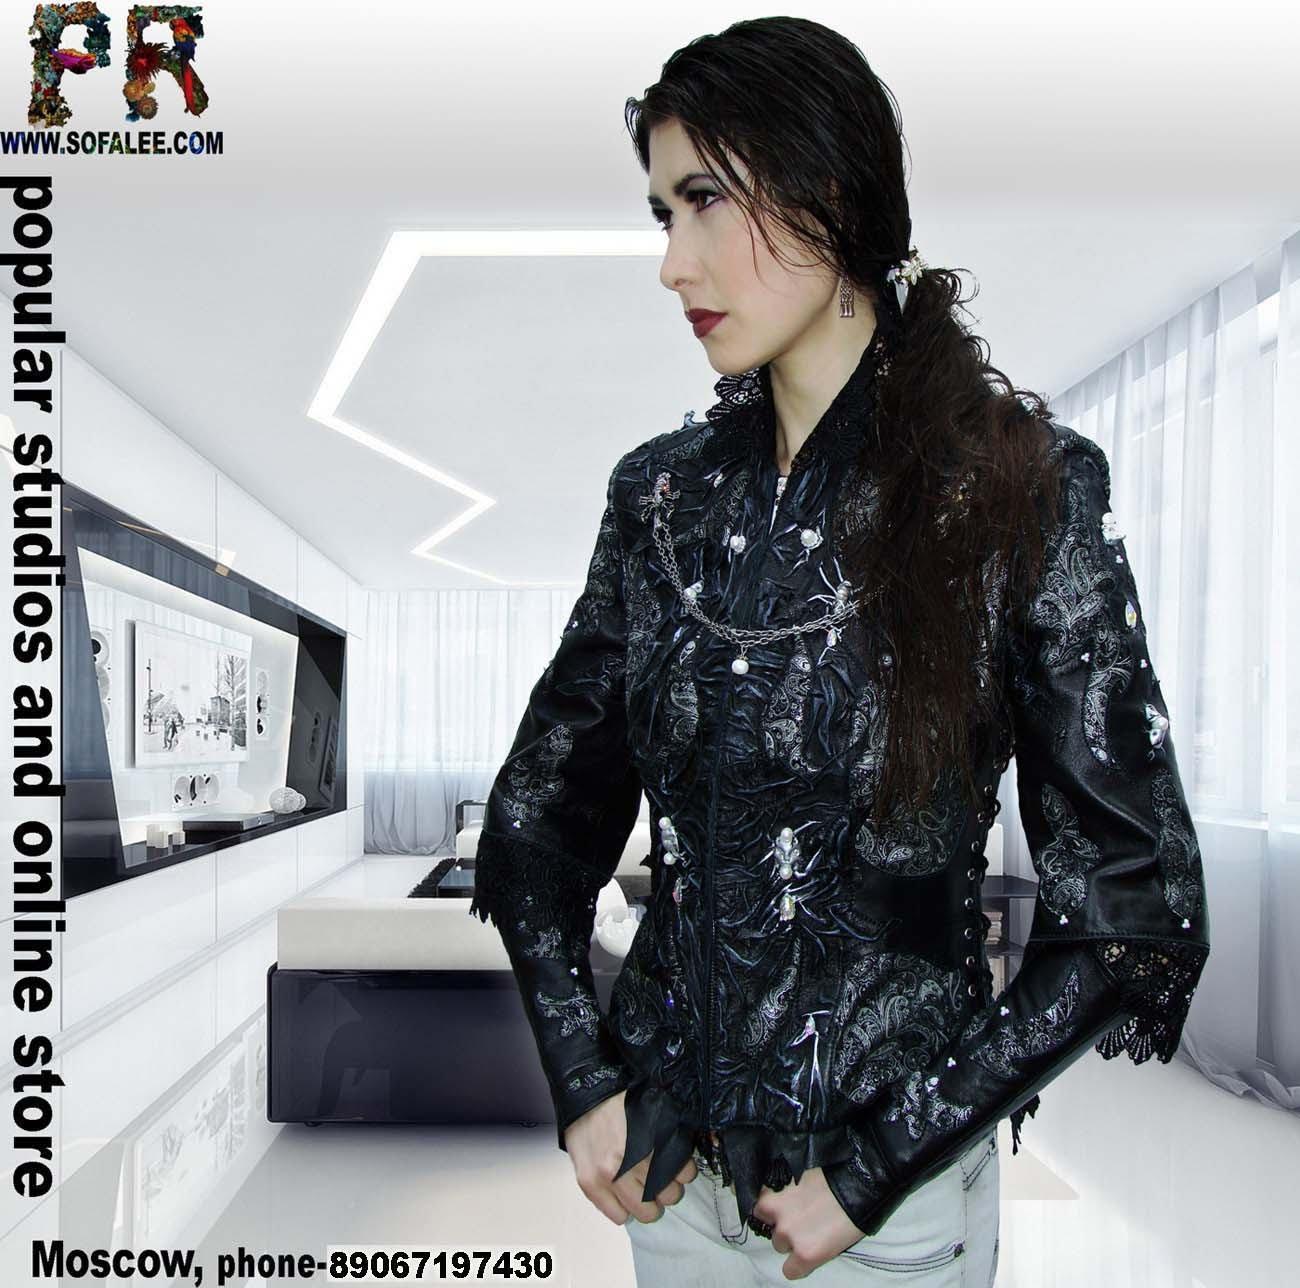 http://www.sofalee.com/leather-jackets/no1-kurtka-ziletka-iz-kozi-forgotten-future